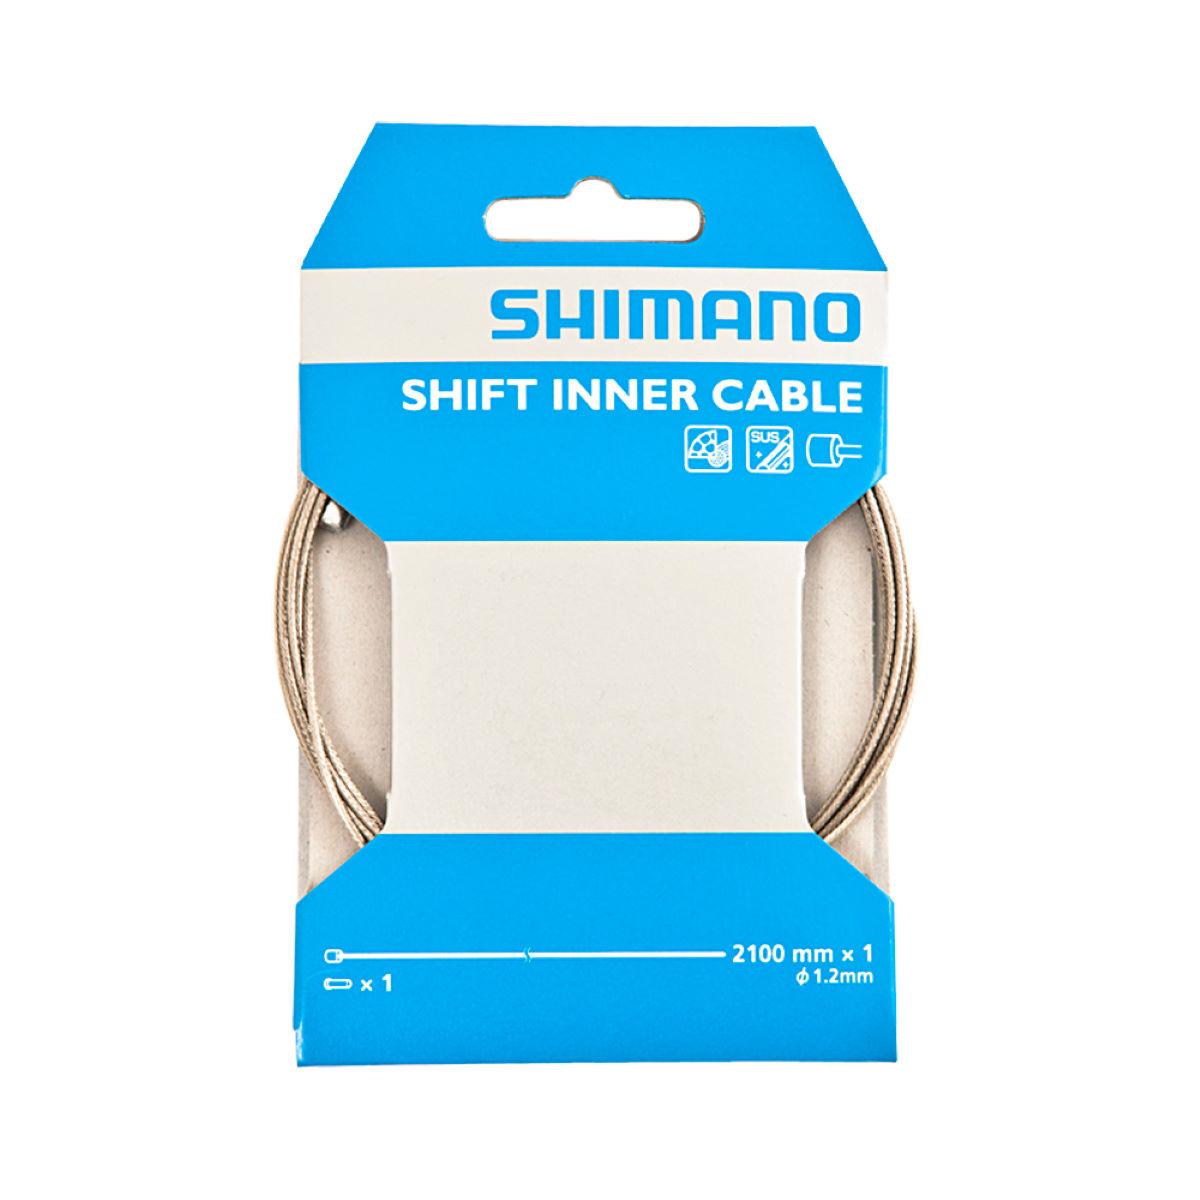 Cable de marchas interno de acero inoxidable Shimano  - Cables de cambio